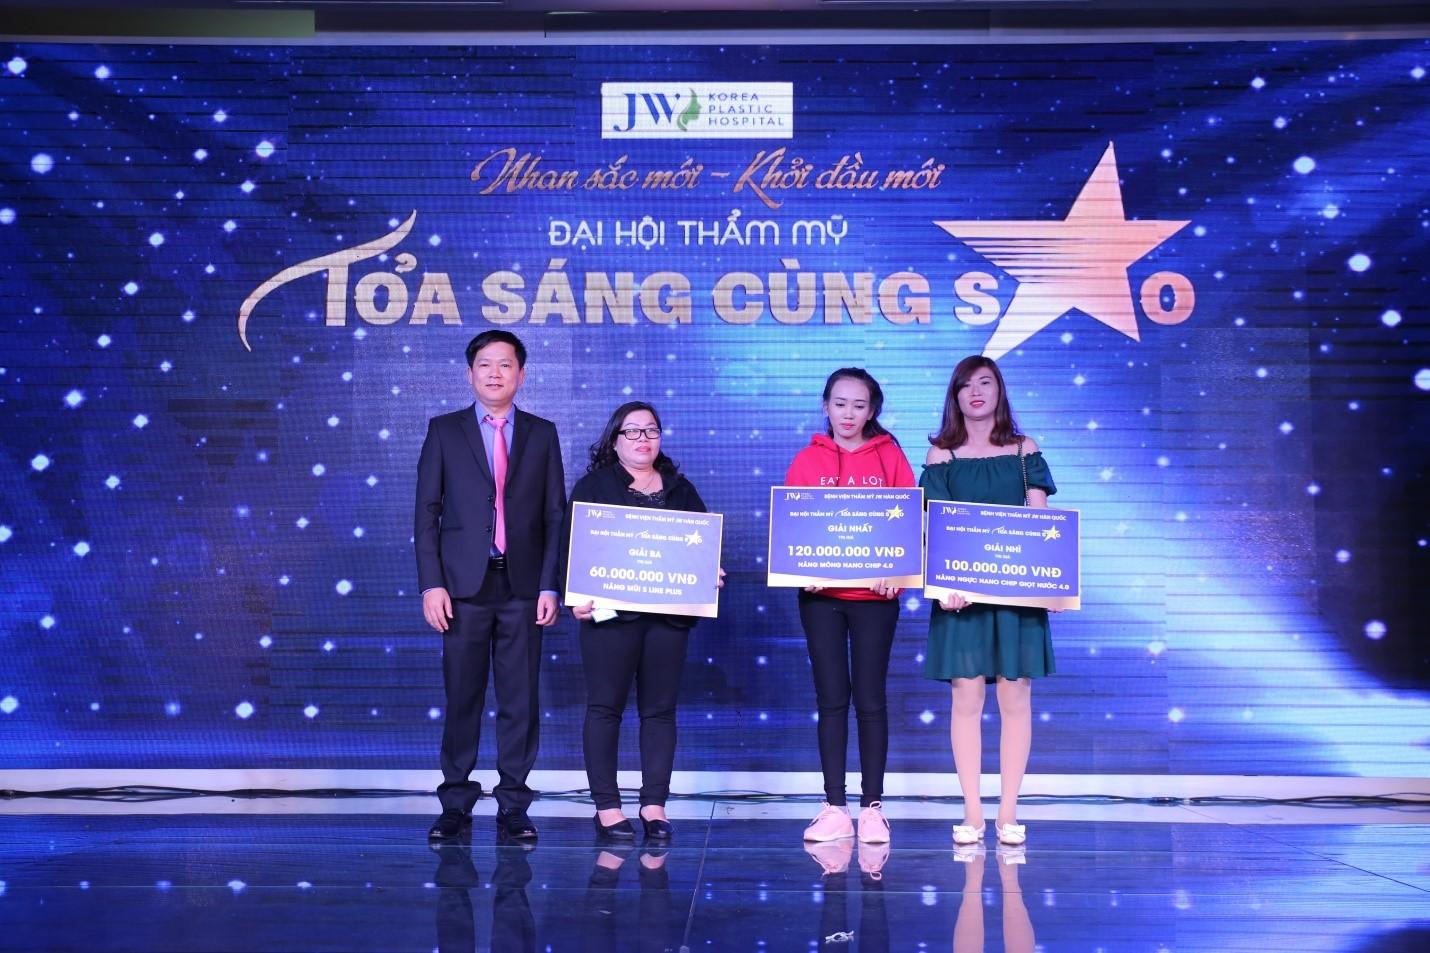 Hội trường Đại hội thẩm mỹ JW 'nổ tung' vì độ hot của dàn sao Việt và người đẹp thẩm mỹ - Ảnh 13